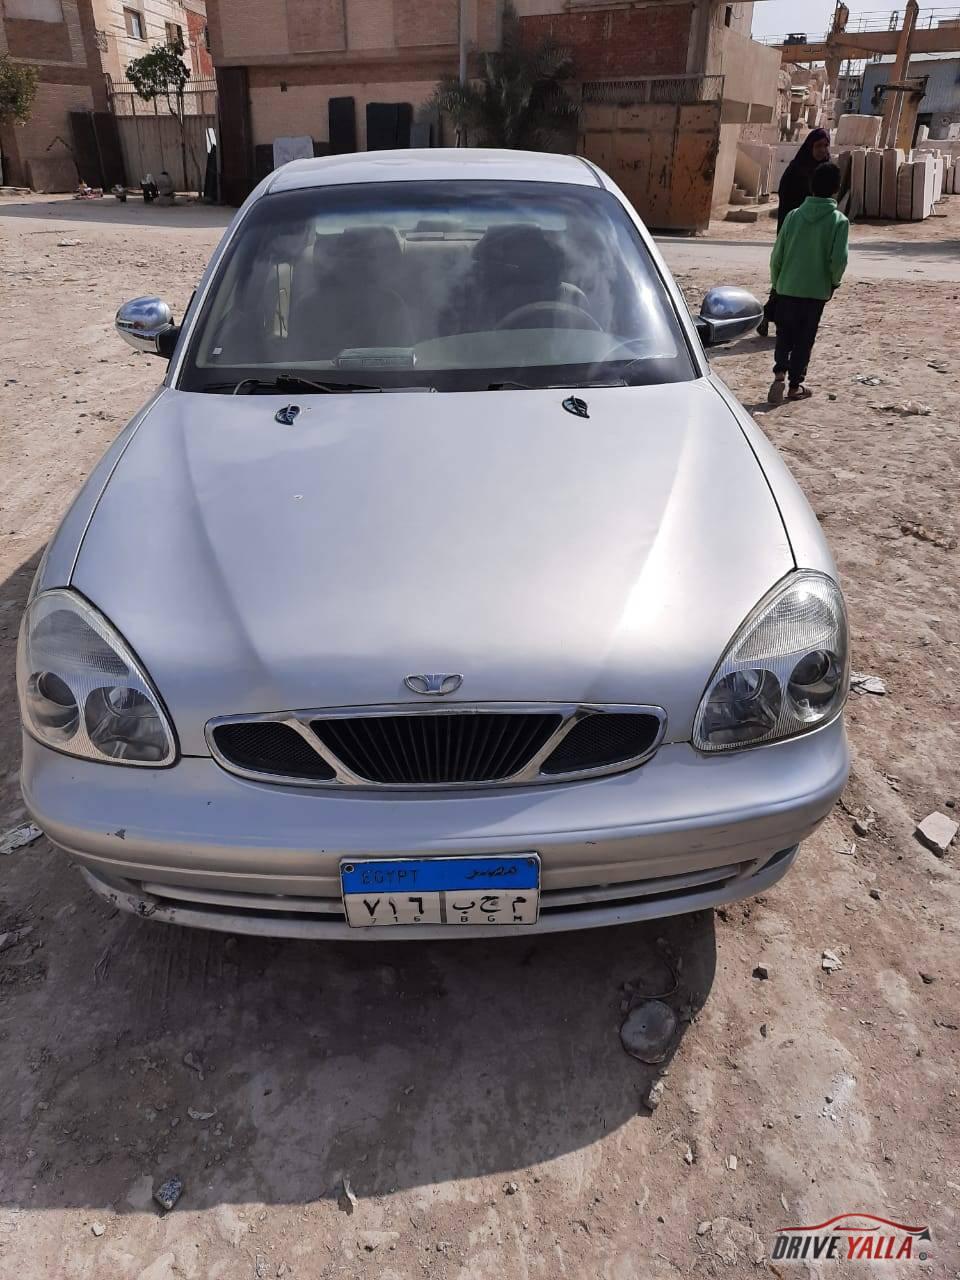 دايو نوبيرا مستعملة للبيع فى مصر 1999